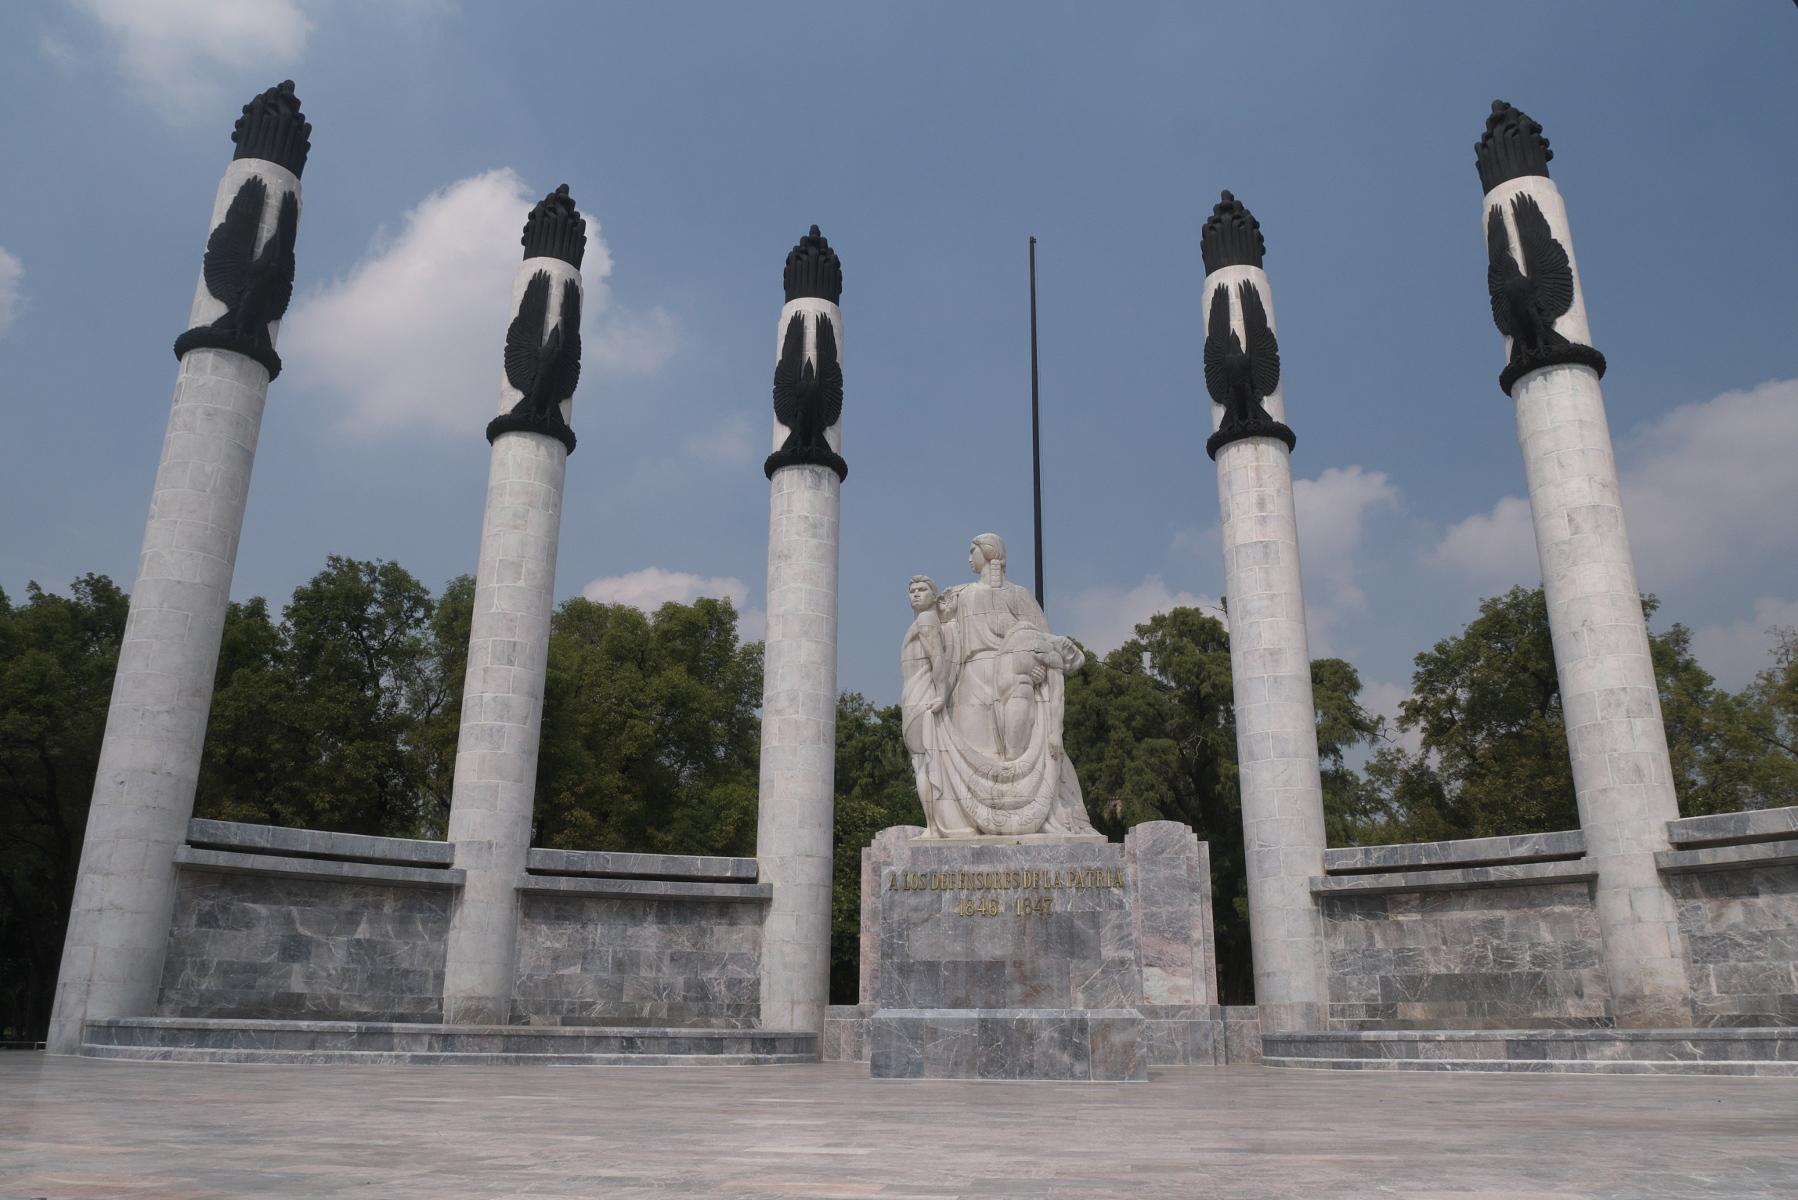 Newer Niños Héroes monument, dedicated in 1952.